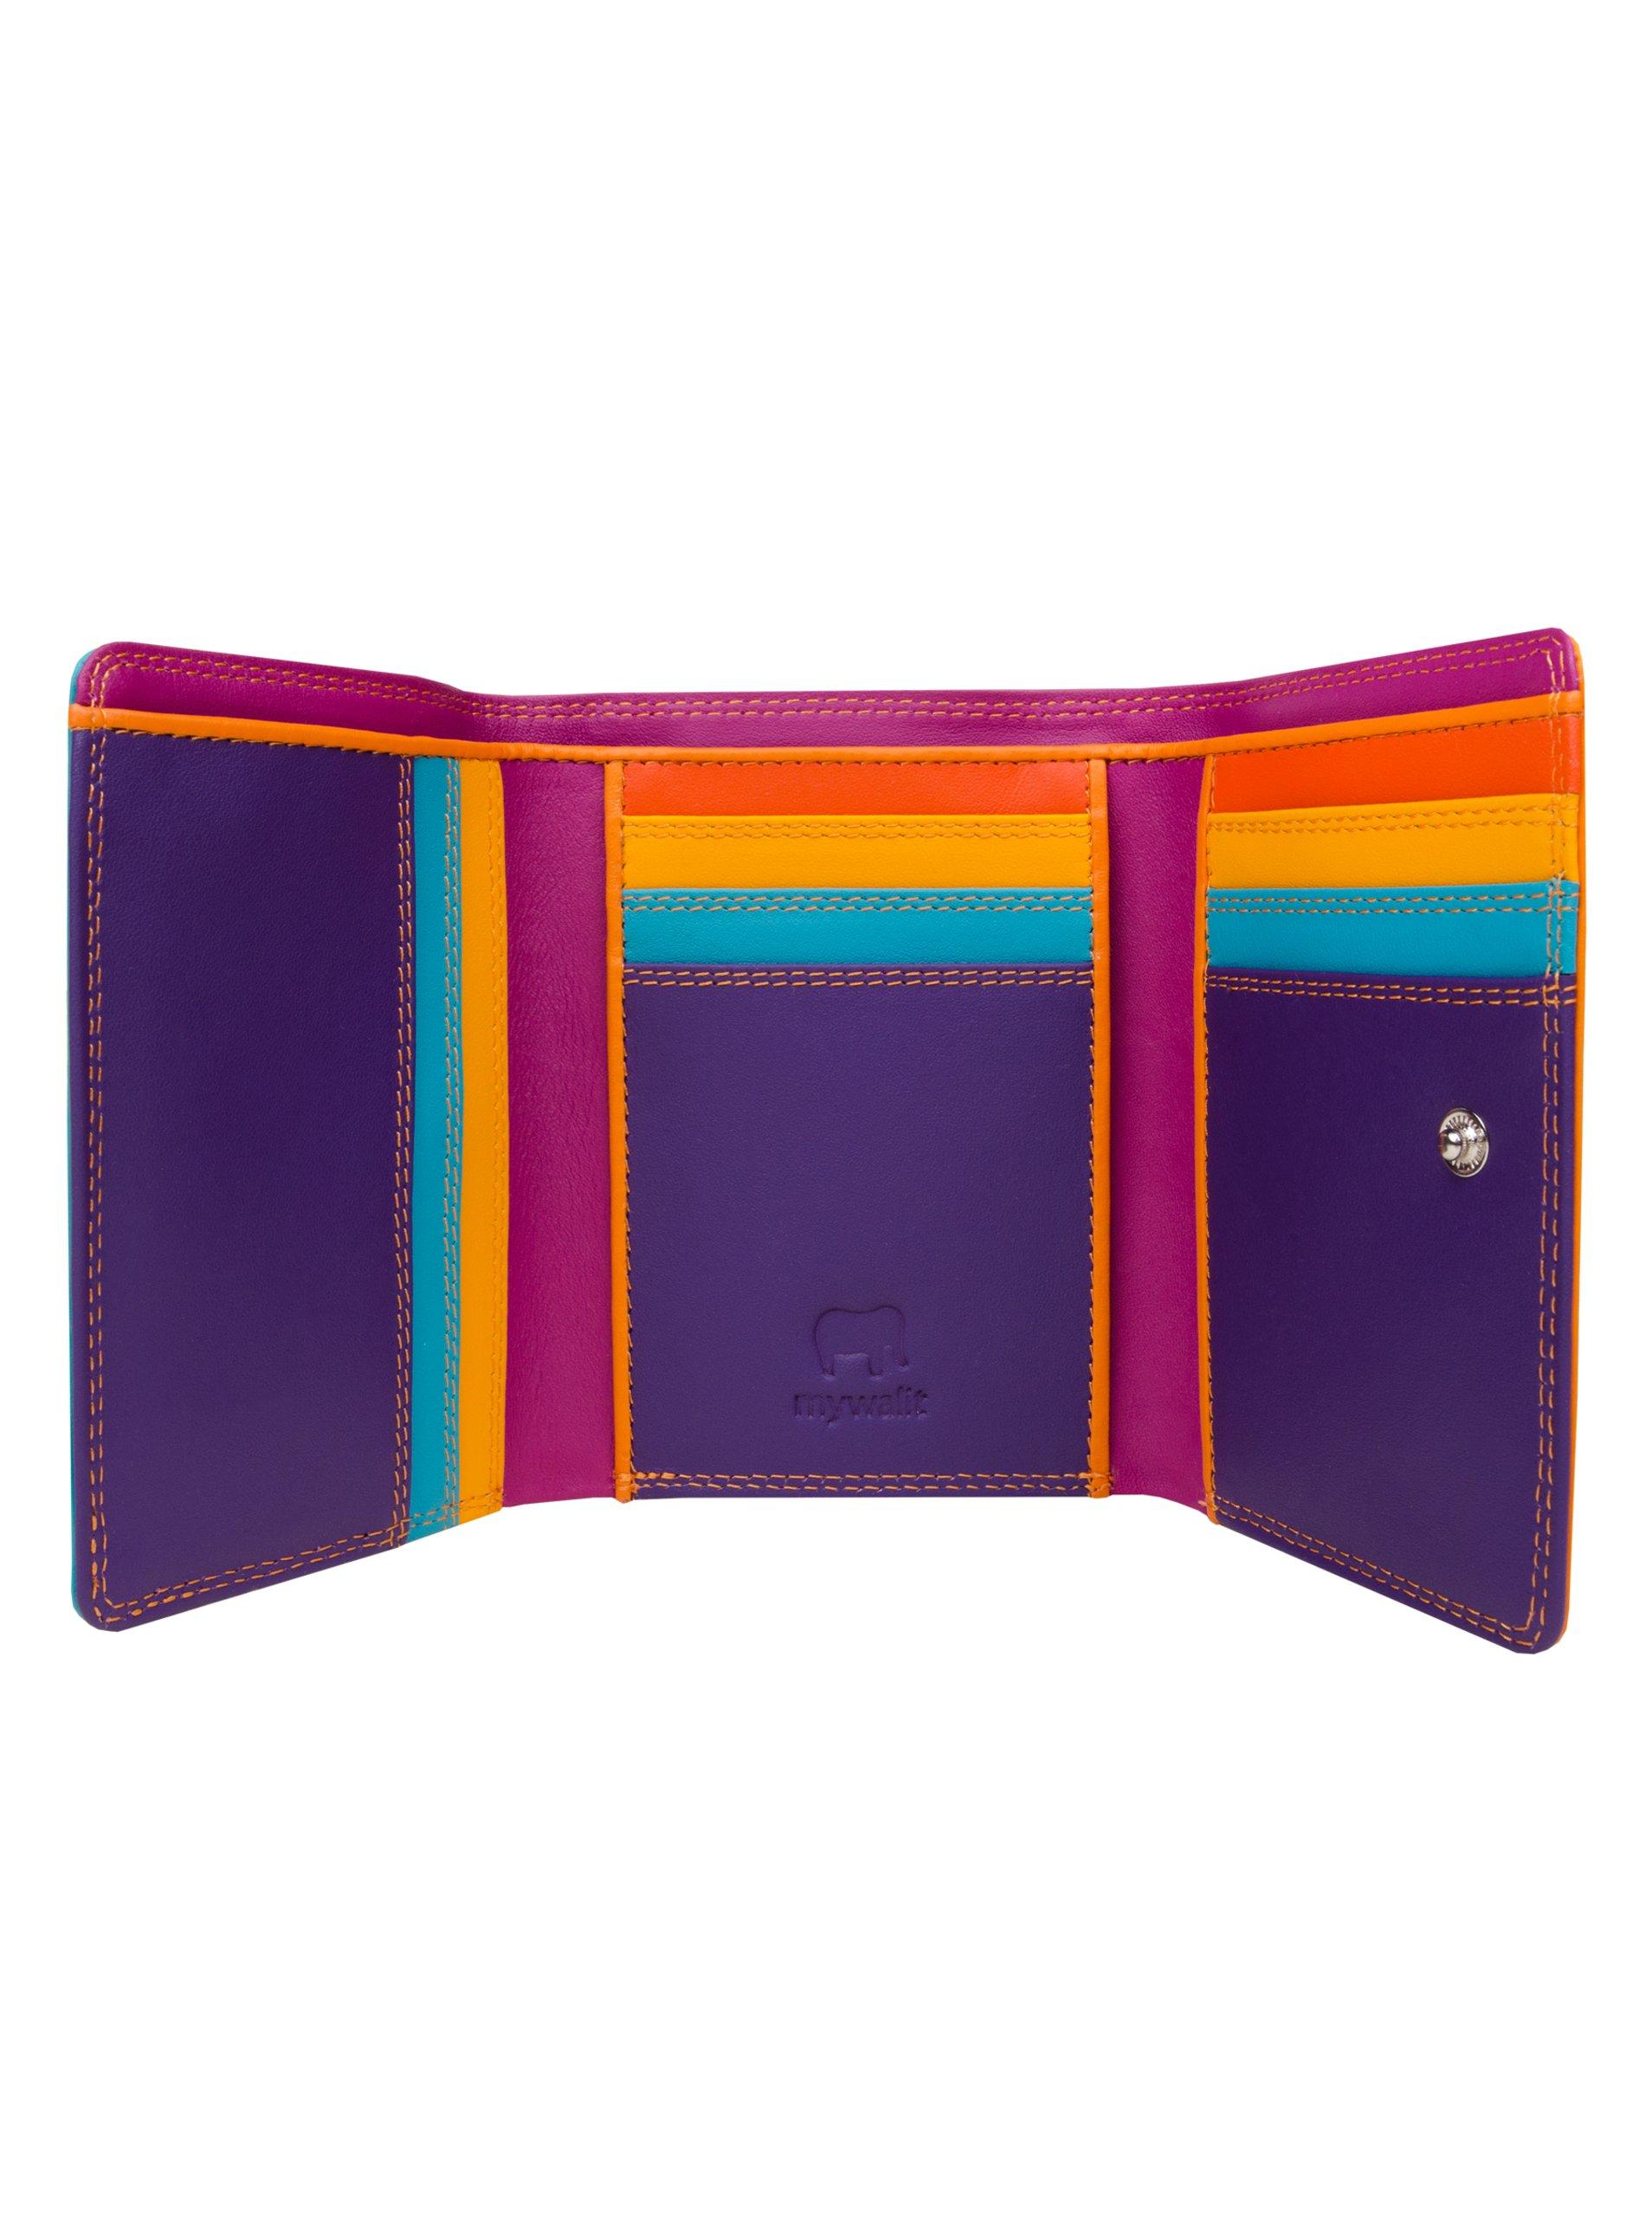 Peněženka Mywalit Medium Tri-fold Wallet Copacabana